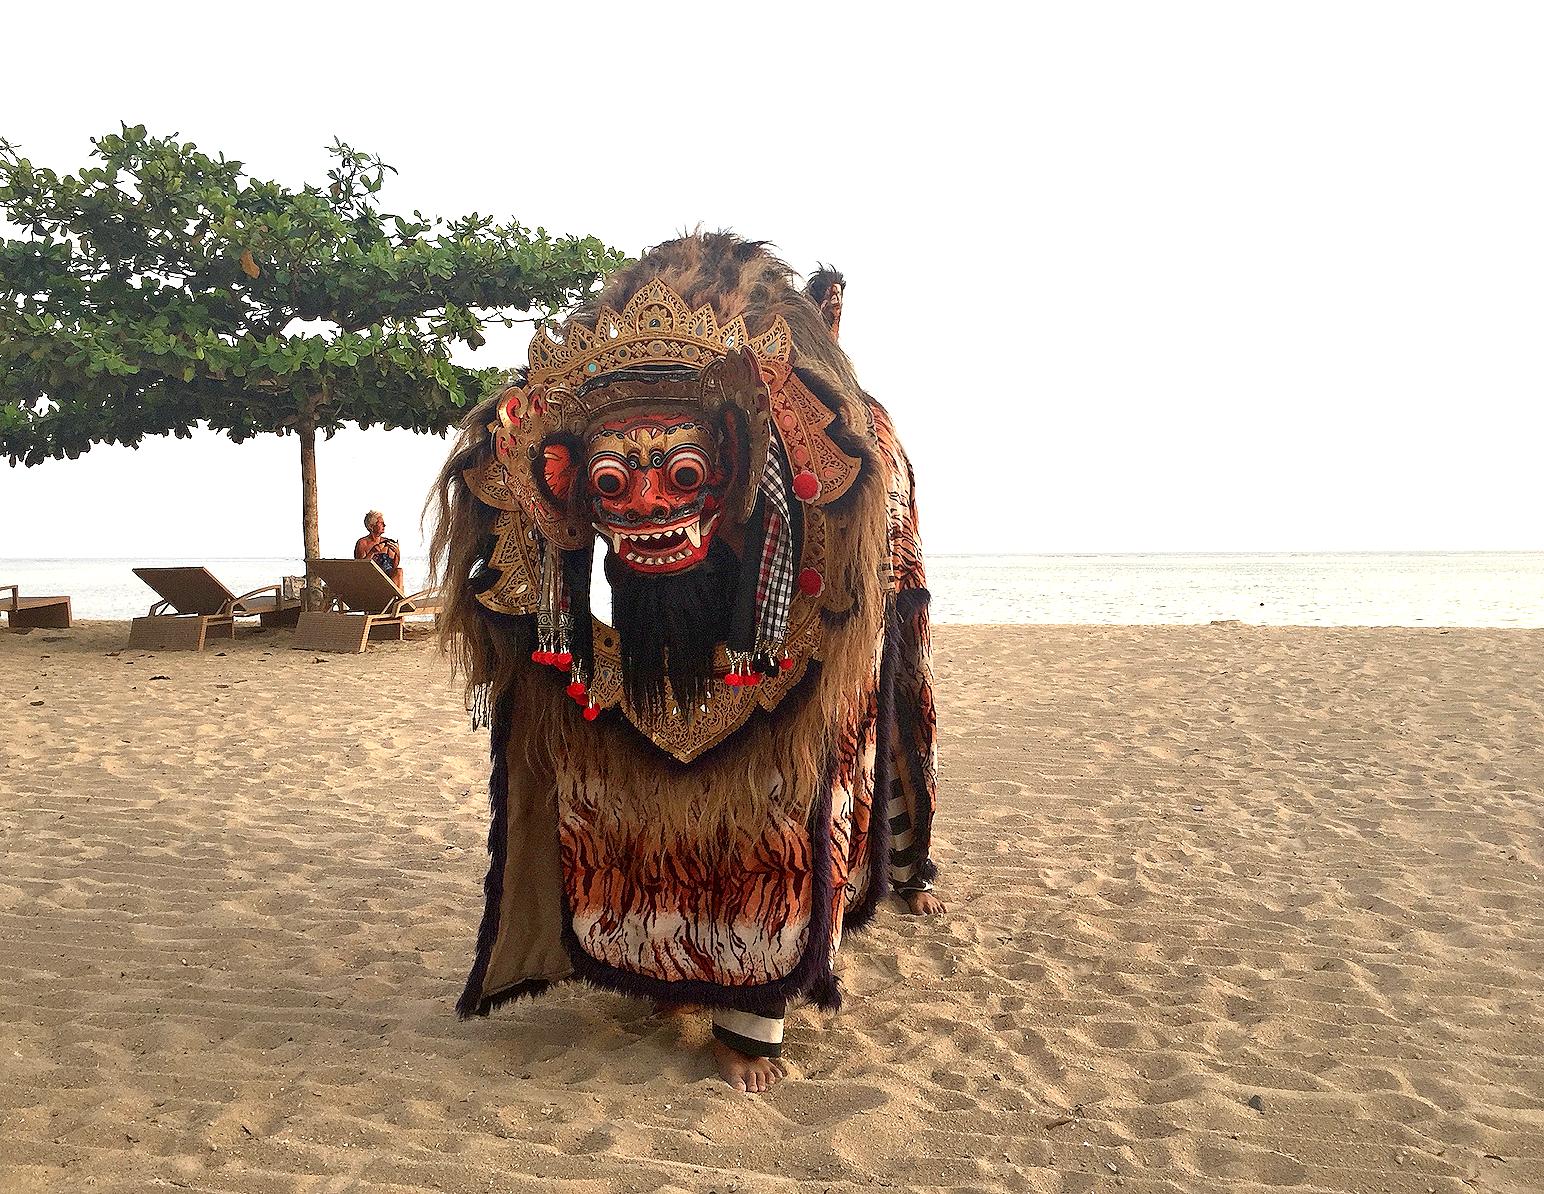 En ettermiddag dukket Barongen opp på stranden i Sanur.